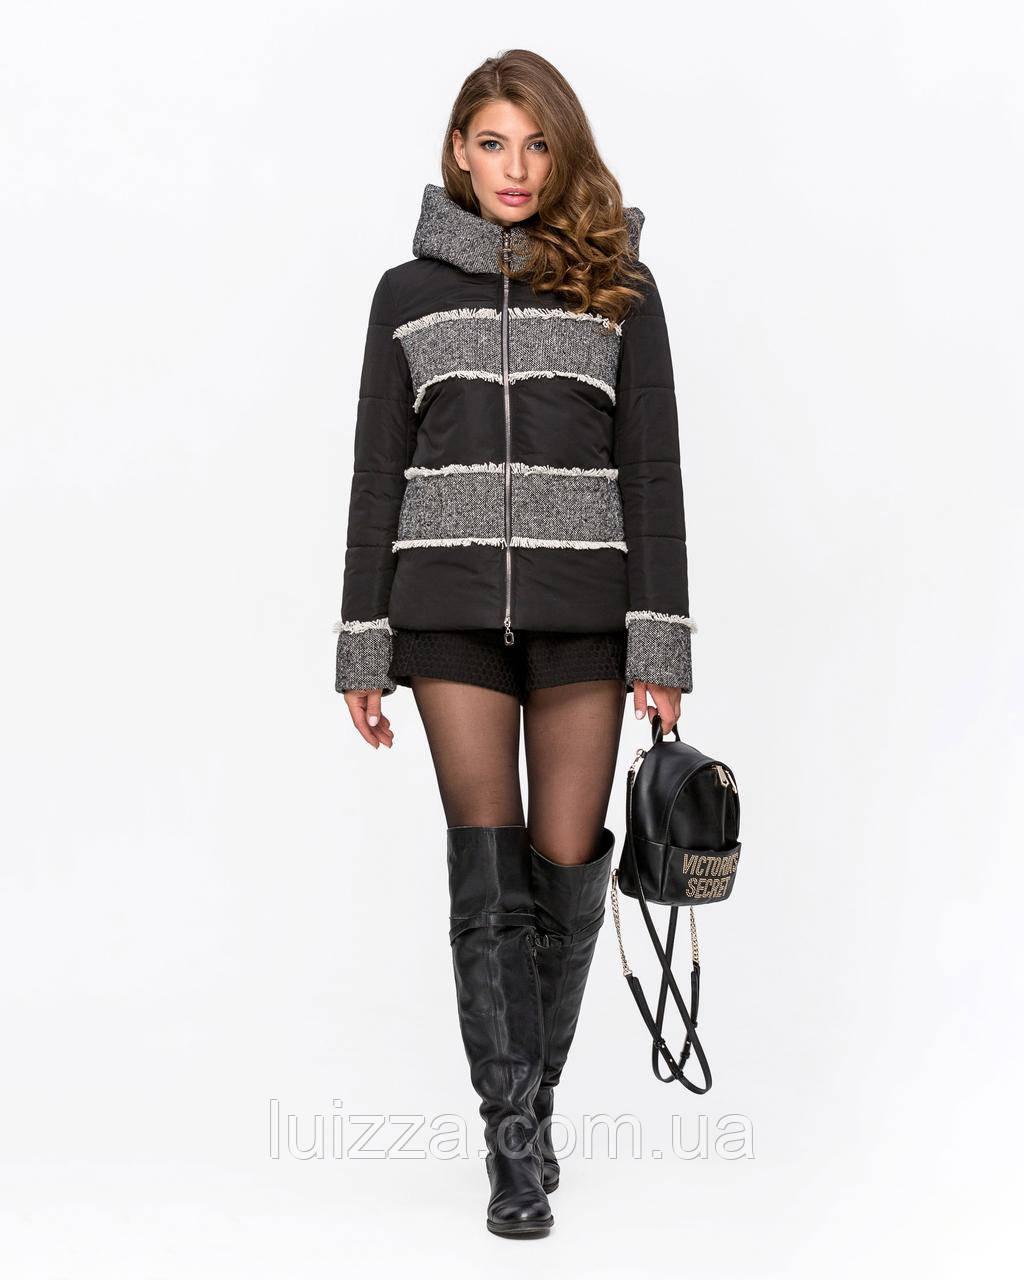 Куртка комбинированная с твидом черная 42-50р